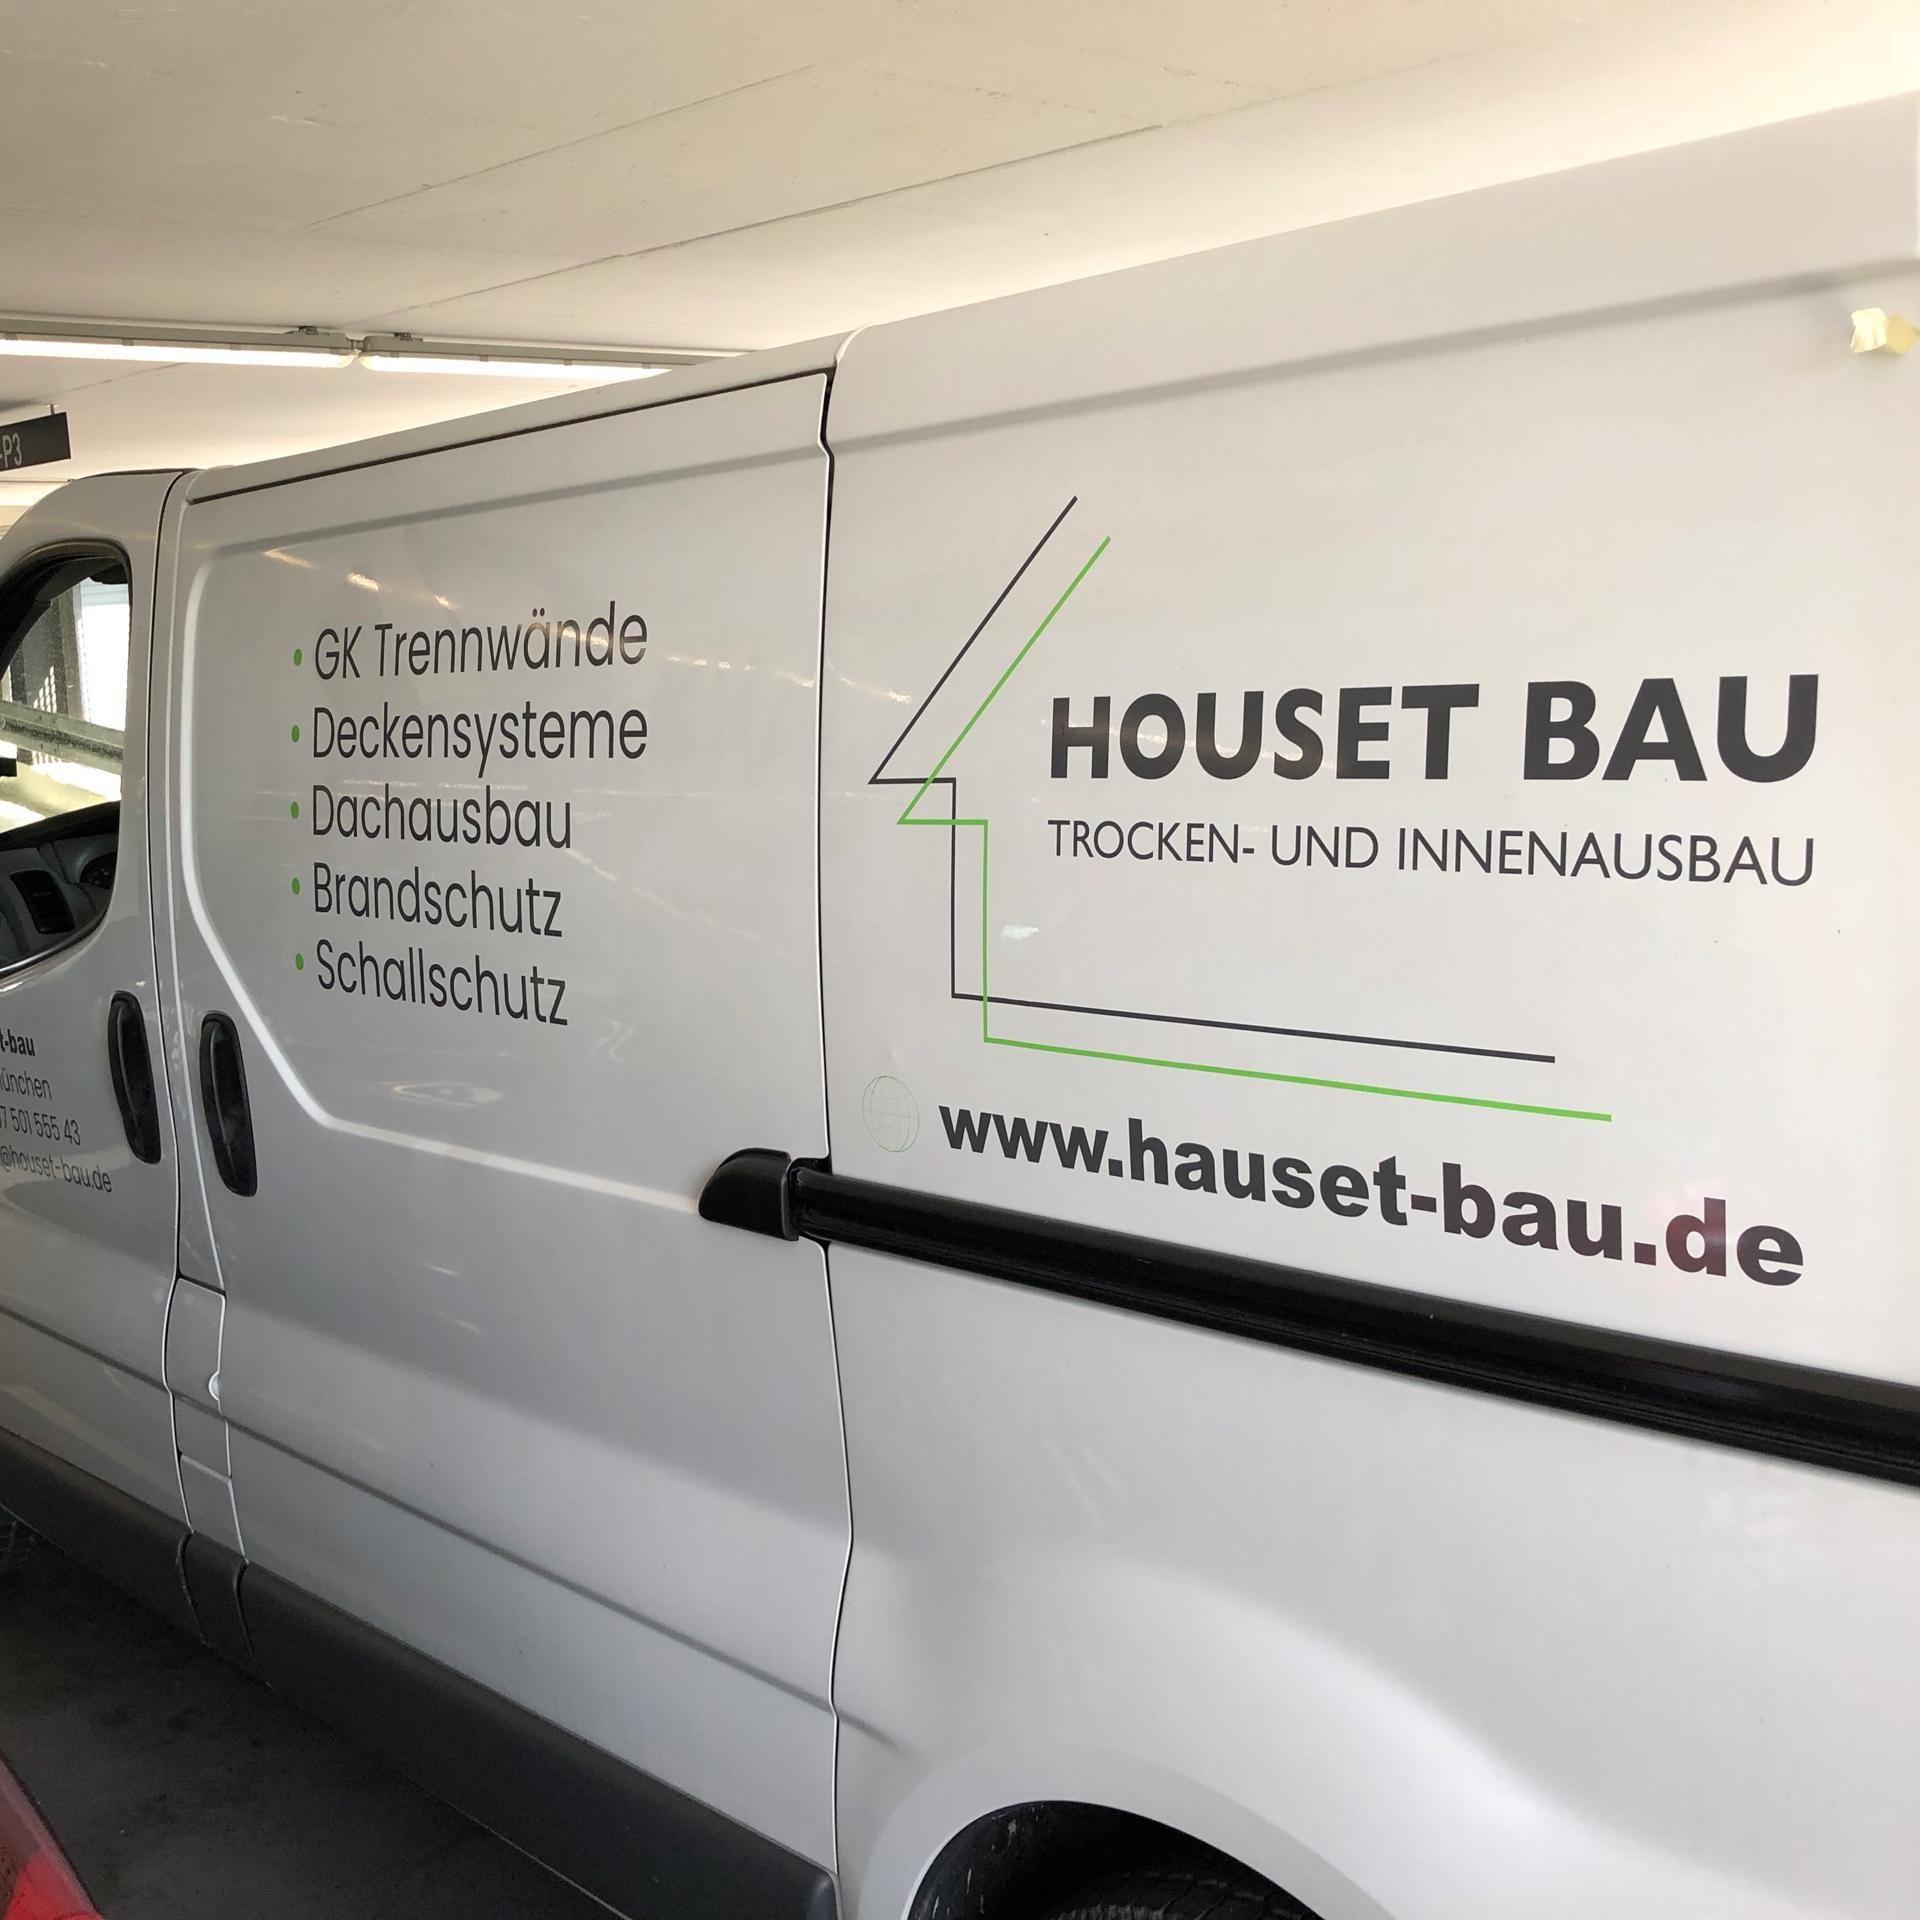 Houset Bau Transporter Beschriftung in München